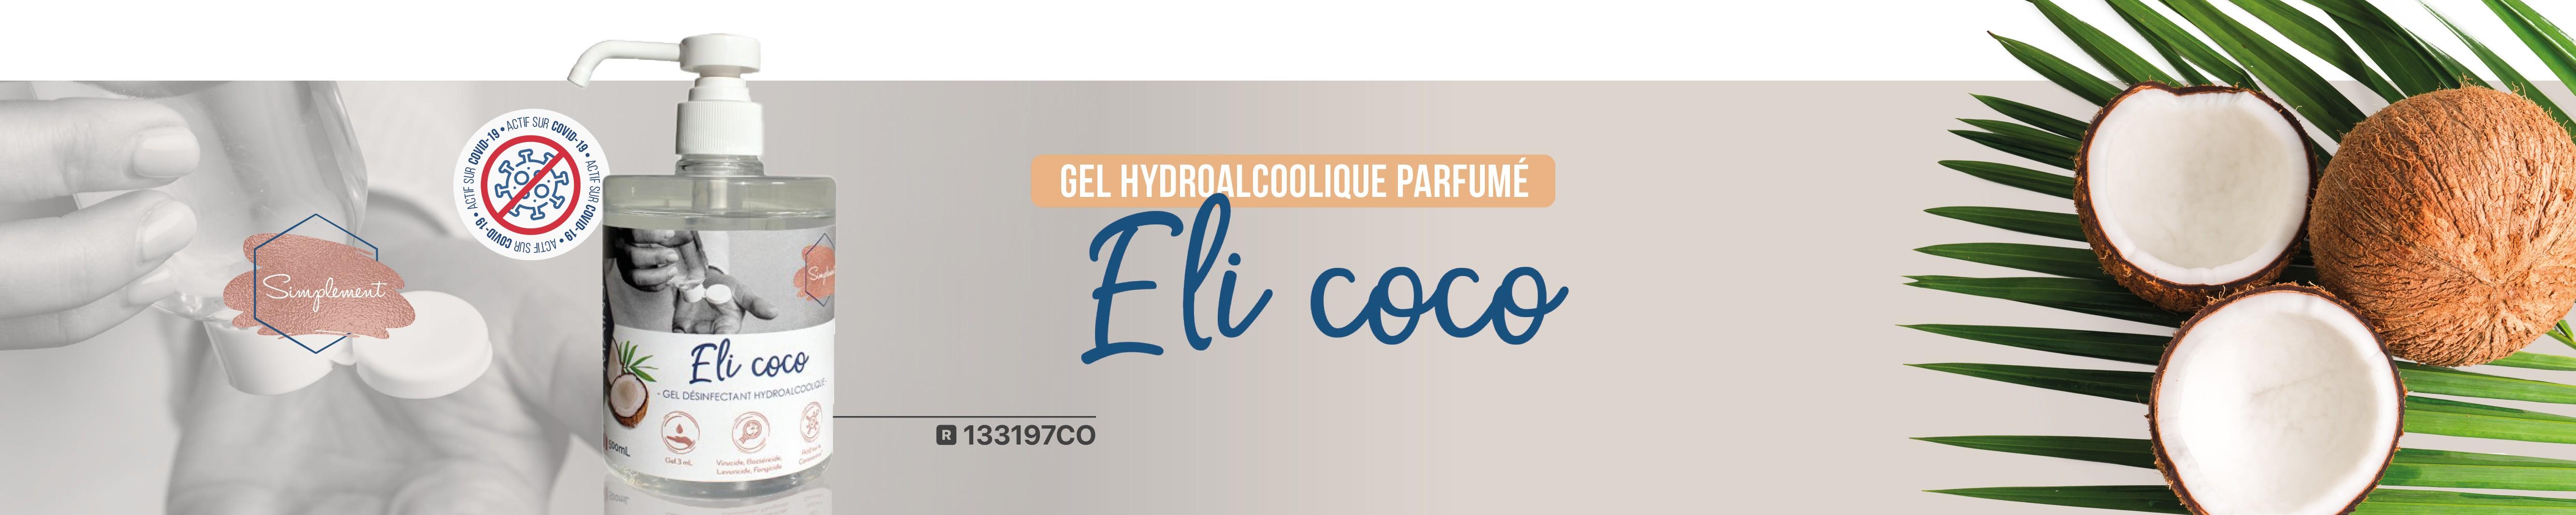 Gel hydroacloolique parfum coco 133197CO